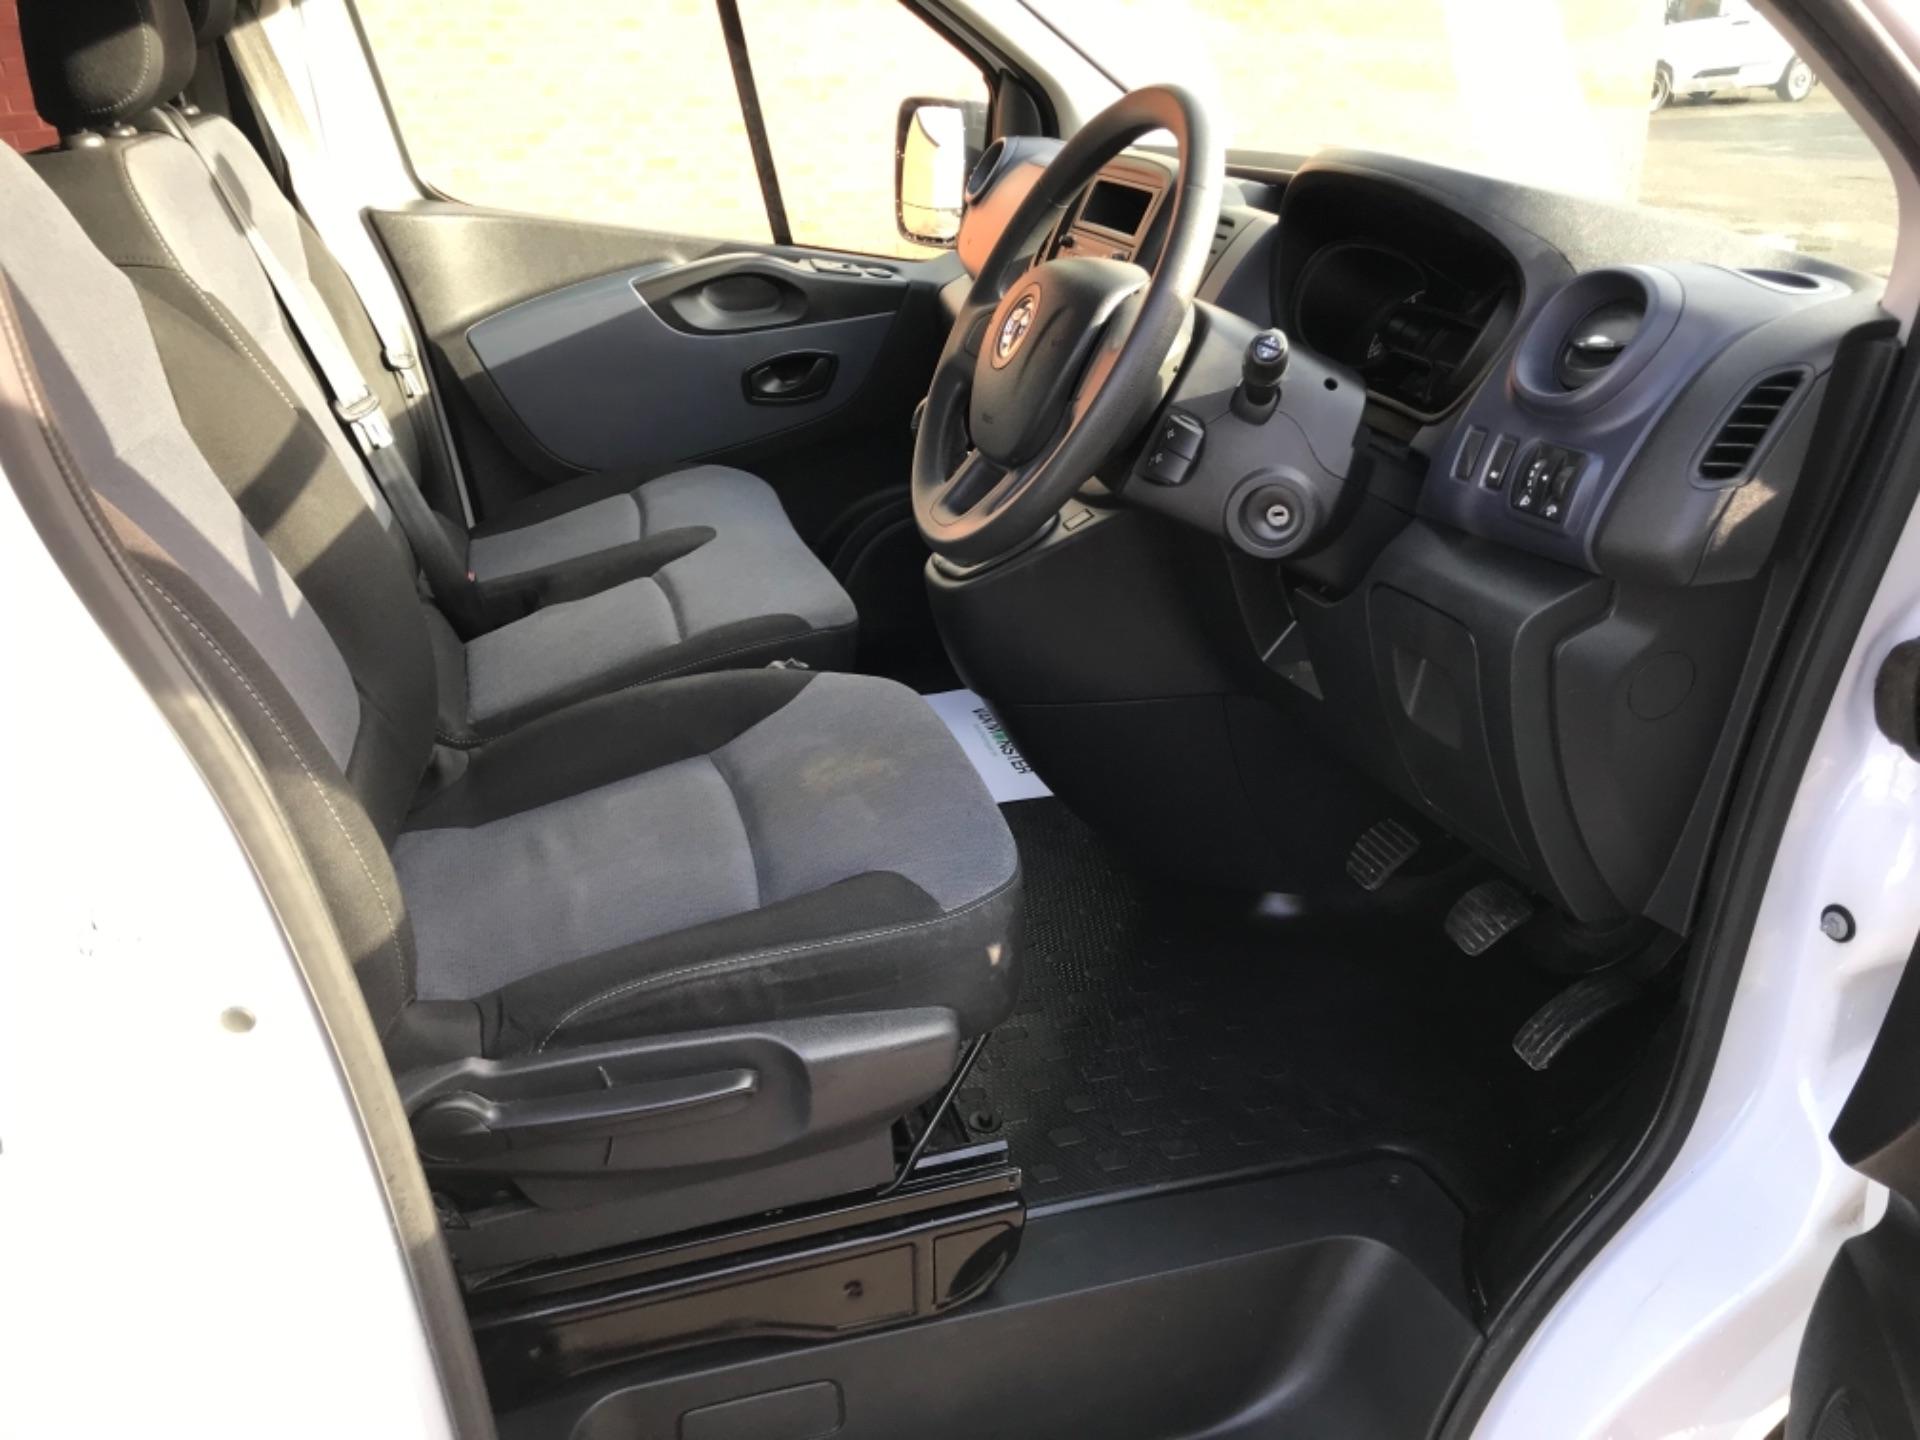 2017 Vauxhall Vivaro 2900 1.6Cdti Biturbo 125Ps H1 Combi 9 Seat EURO 6  (DY17USB) Image 9